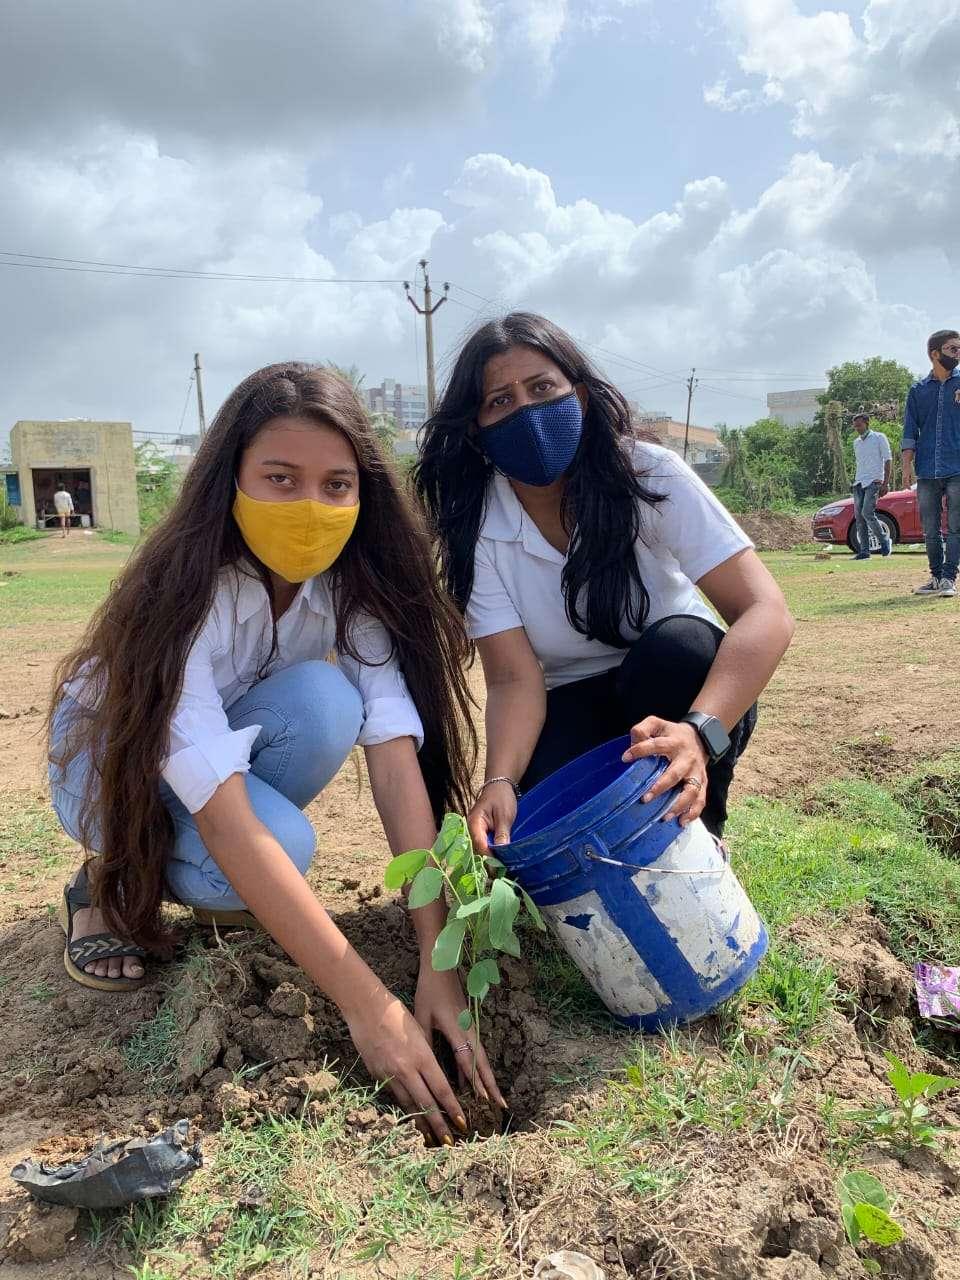 PLANTATION NEWS: समझा और समझाया पेड़-पौधों का महत्व